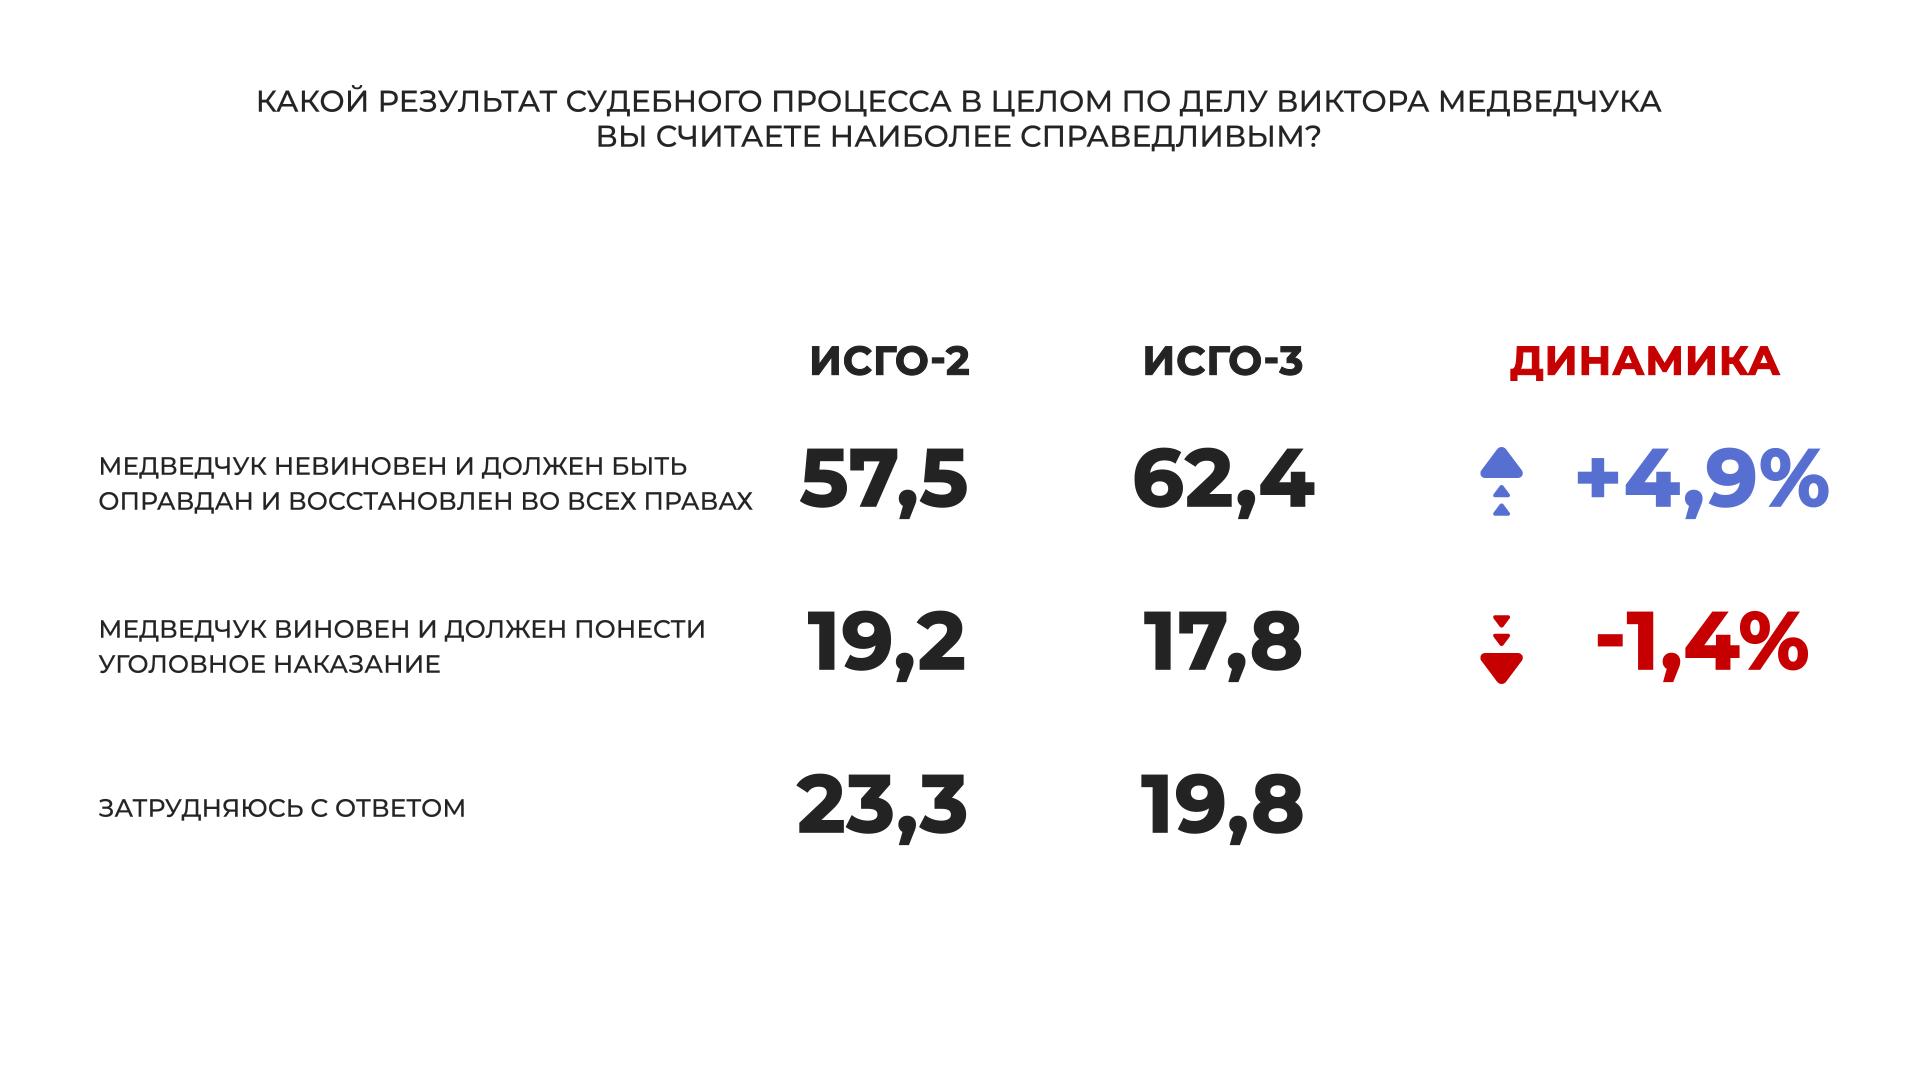 """""""Слуга народа"""" и """"Оппозиционная платформа – За жизнь"""" – лидеры парламентских выборов, большинство украинцев считают, что Медведчук невиновен, - соцопрос - фото 6"""